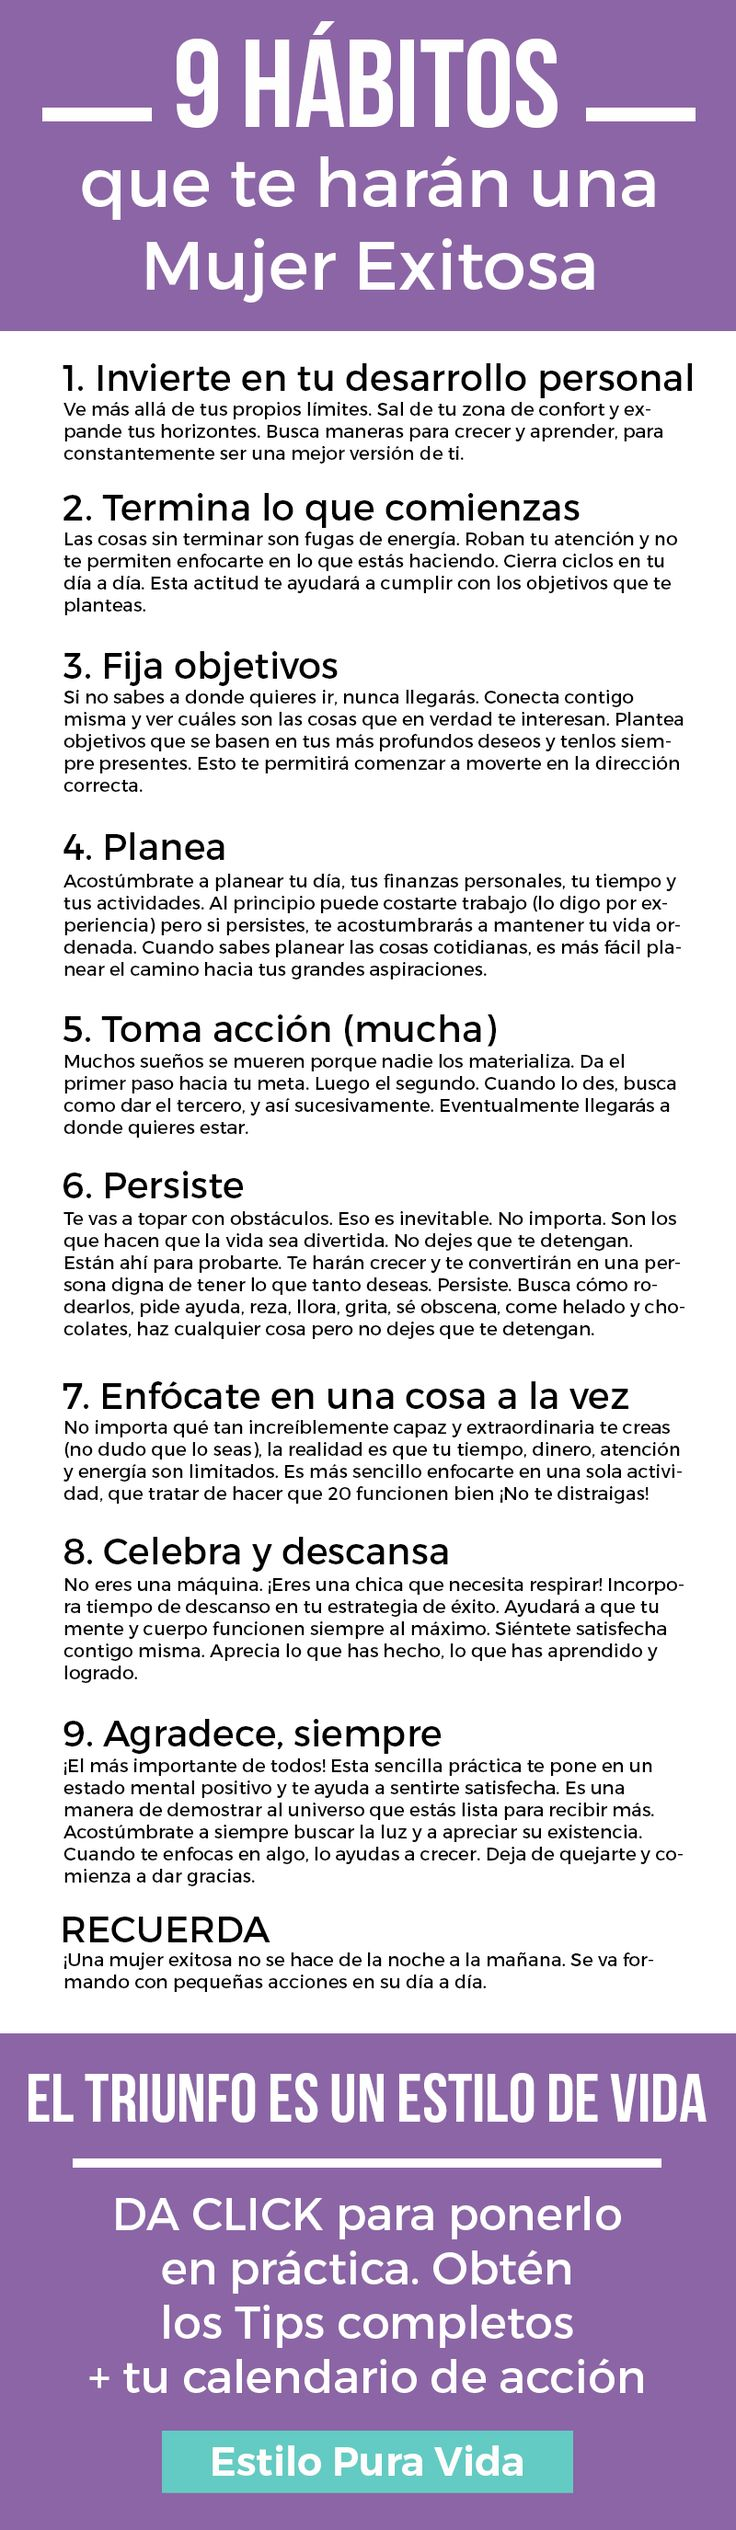 Los 9 Hábitos de una Mujer Exitosa - Aprende Cuáles Son